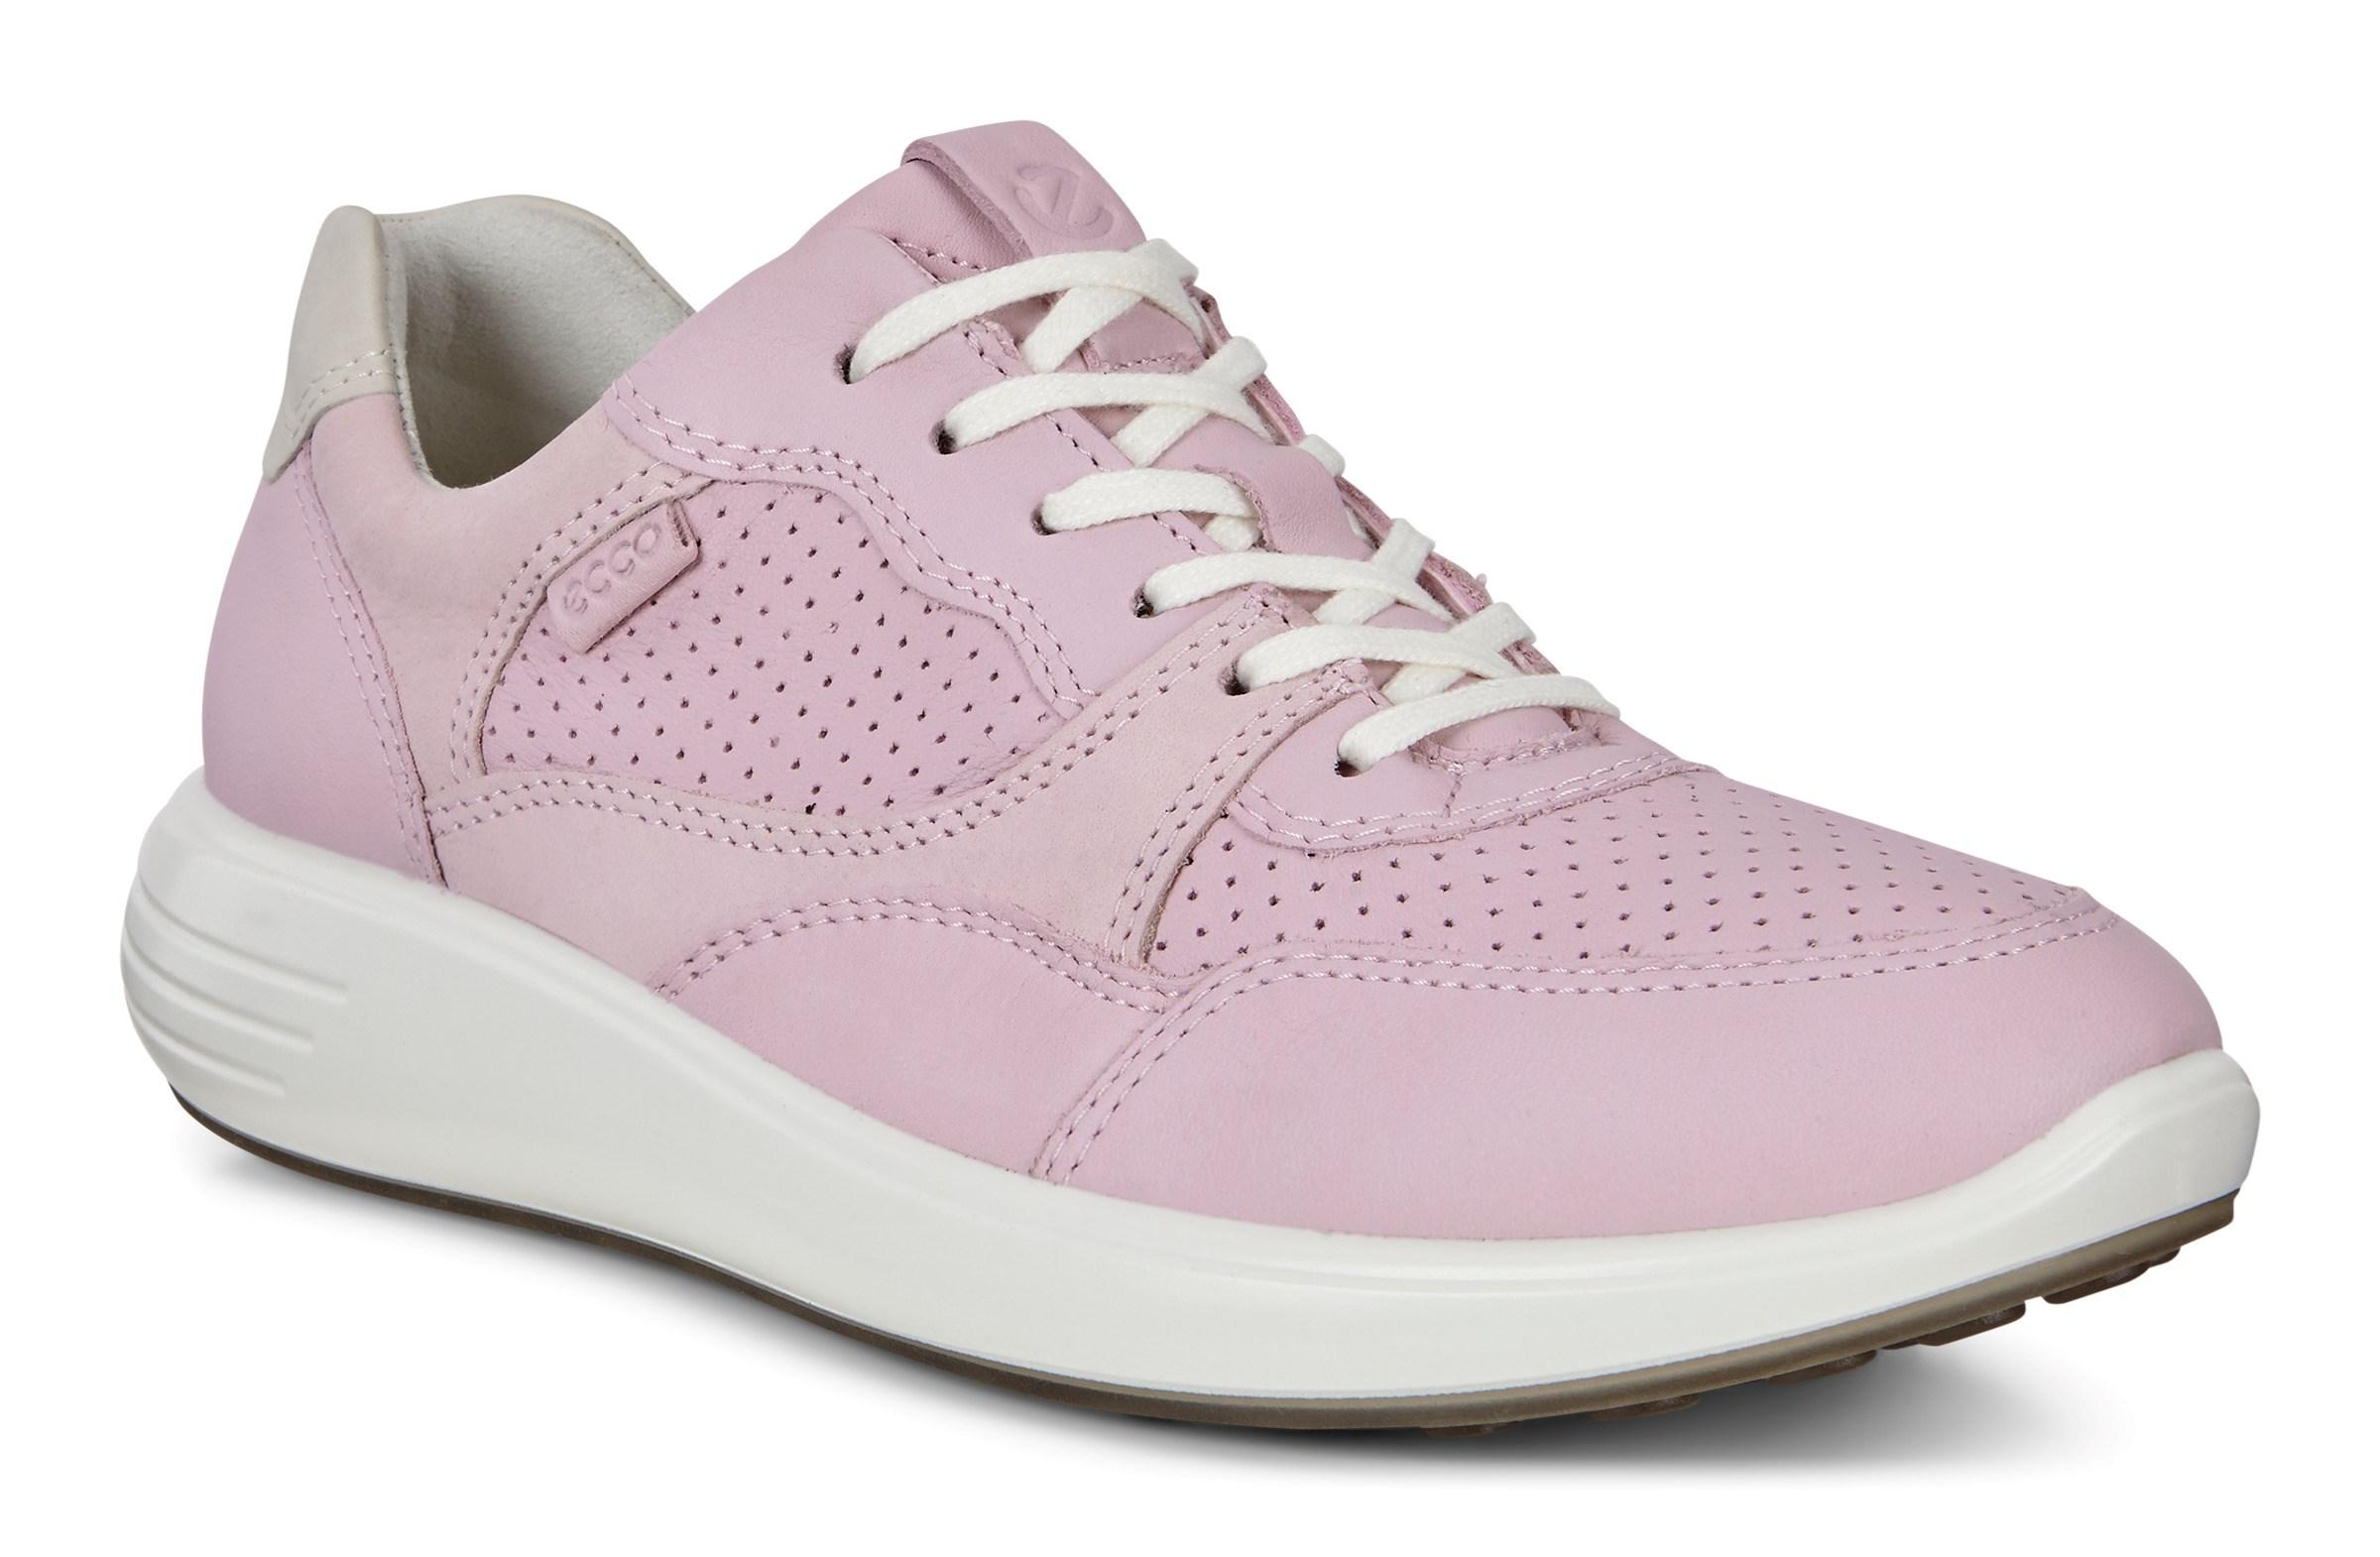 Damesschoenen | Bestel in de officiële ECCO® shop